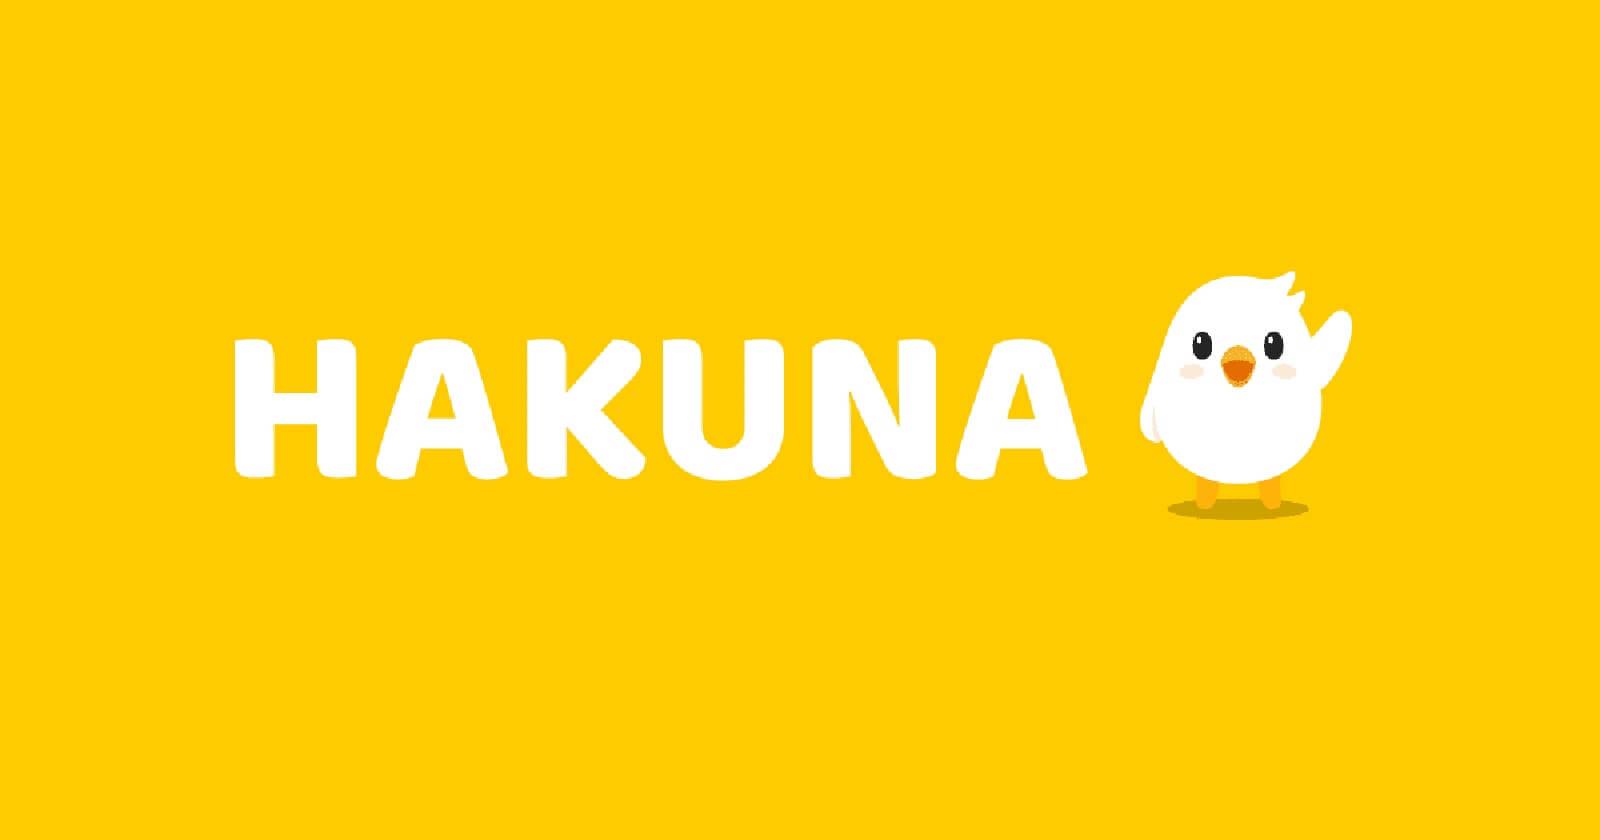 HAKUNA